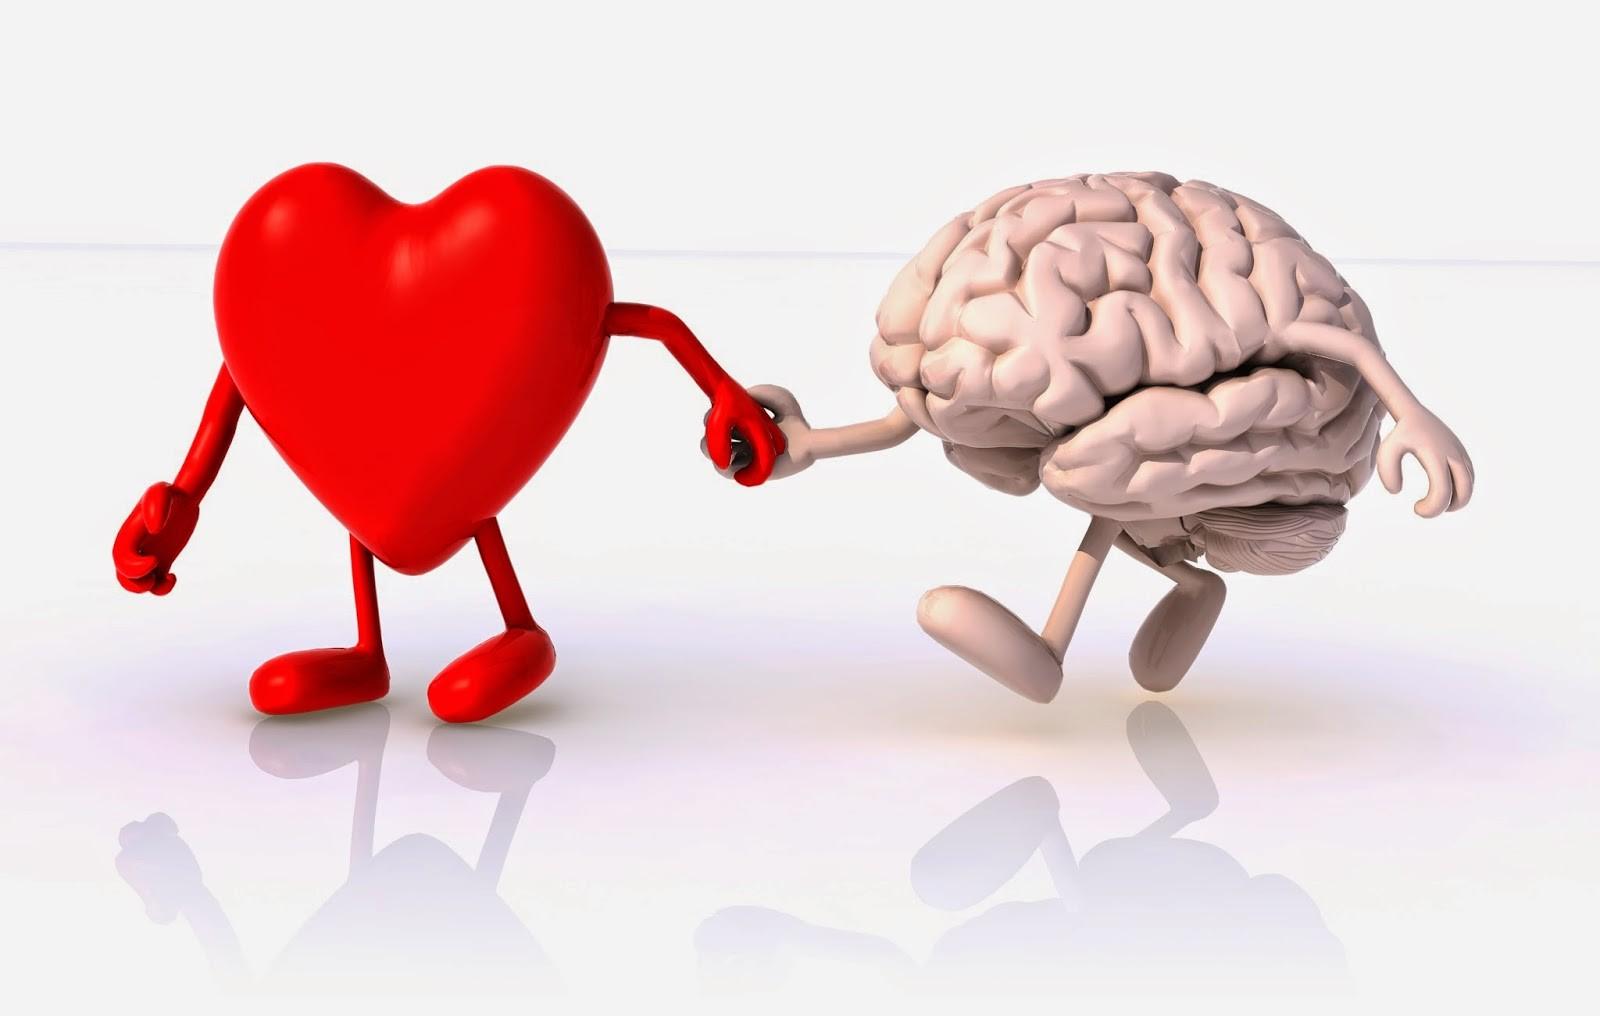 Найдена одна изпричин развития болезни Альцгеймера